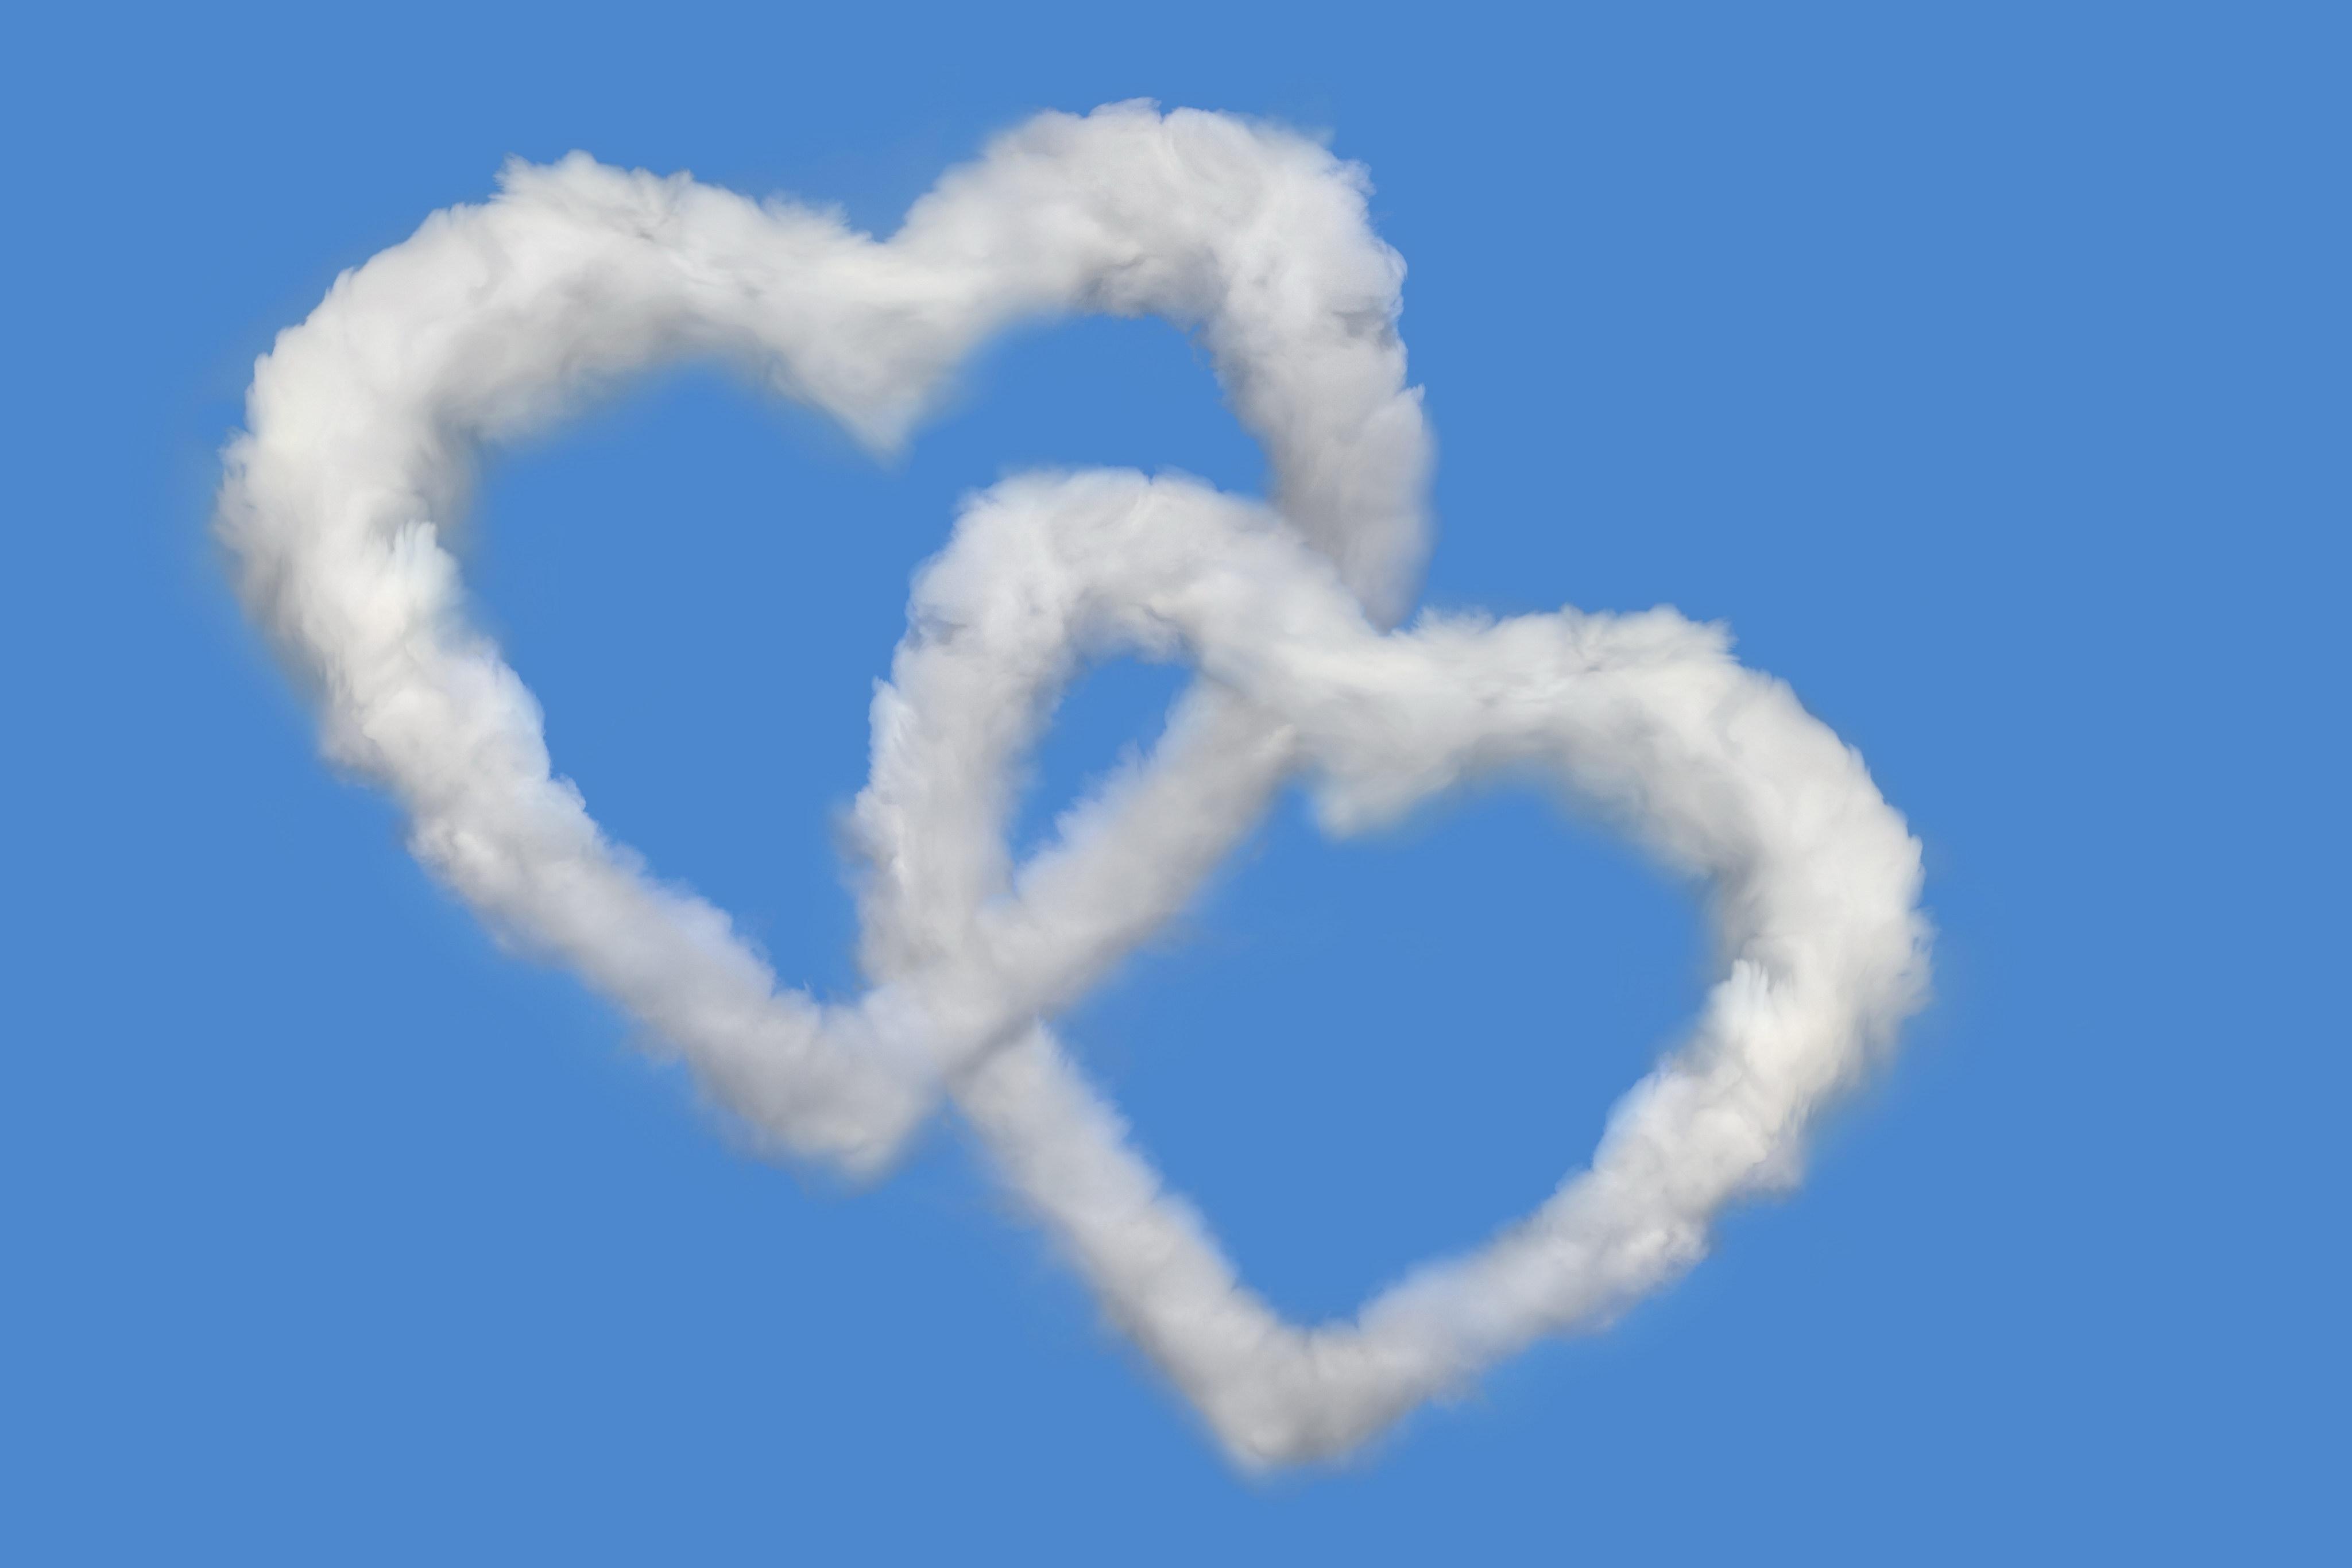 65764 fond d'écran 320x480 sur votre téléphone gratuitement, téléchargez des images Amour, Sky, Cœurs, Nuages 320x480 sur votre mobile